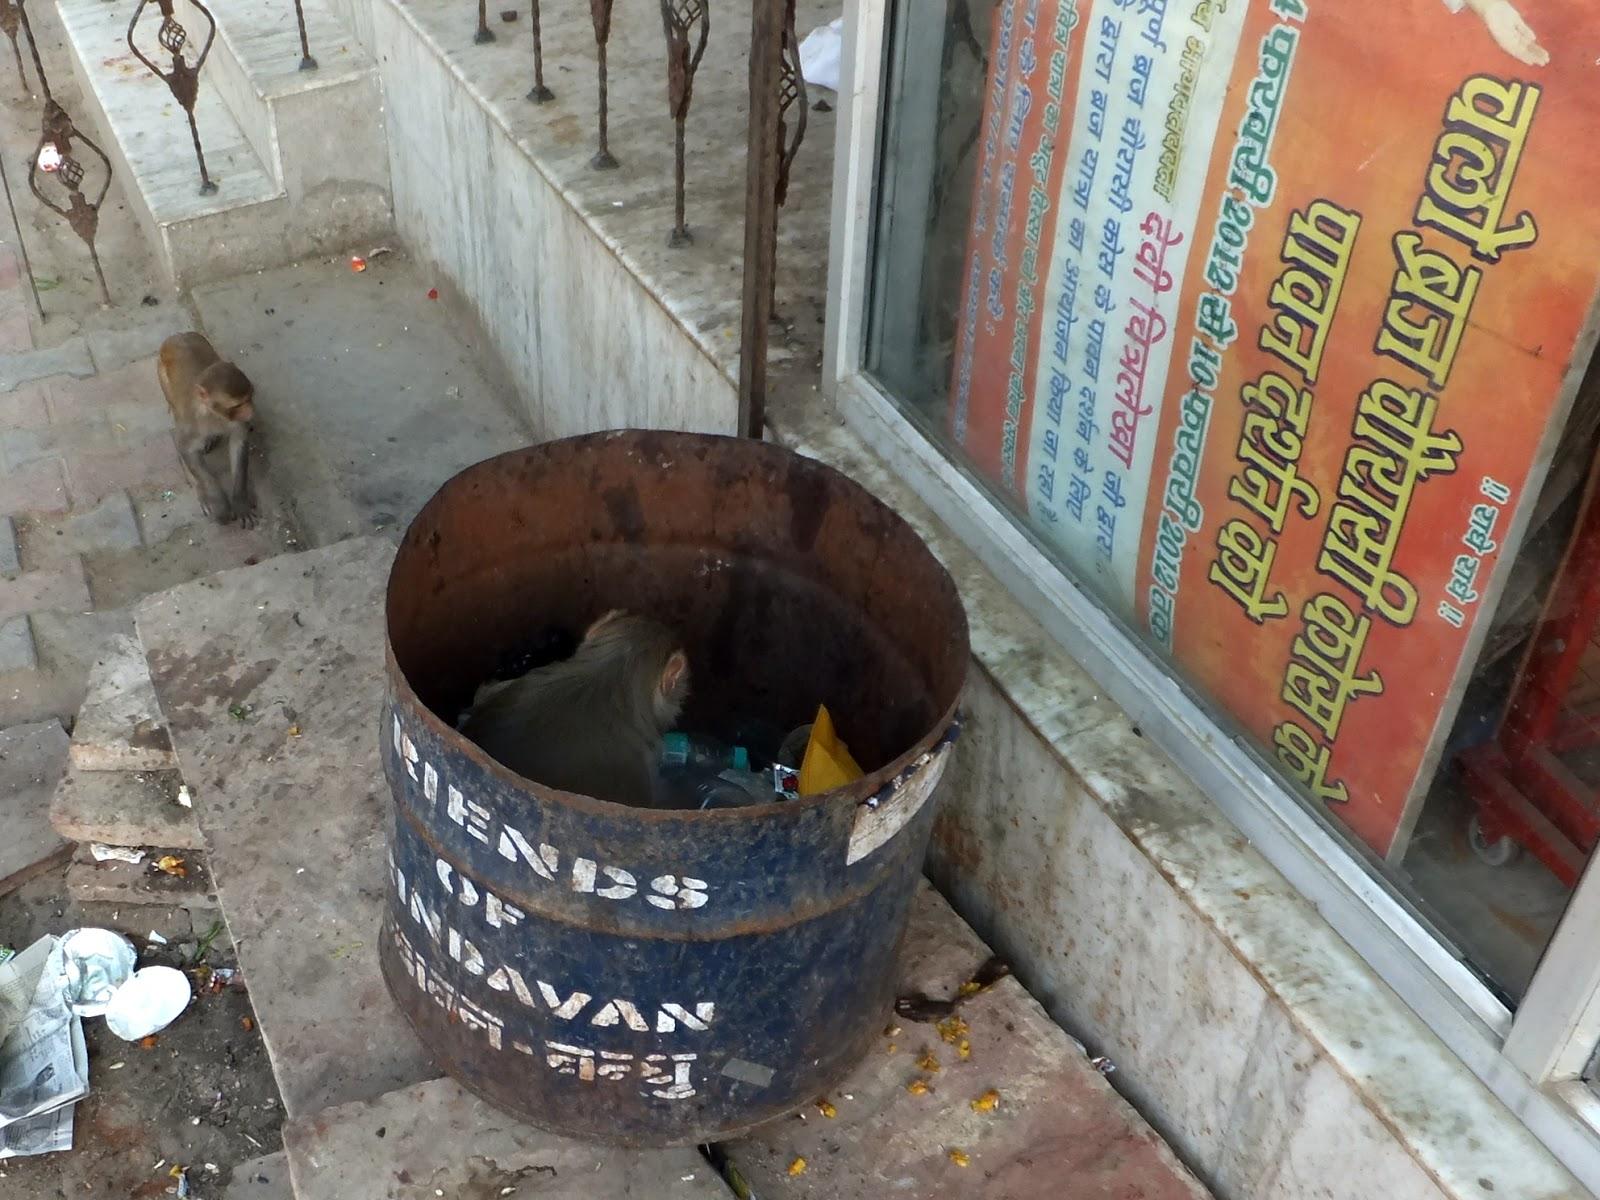 обезьяна роется в мусорном баке